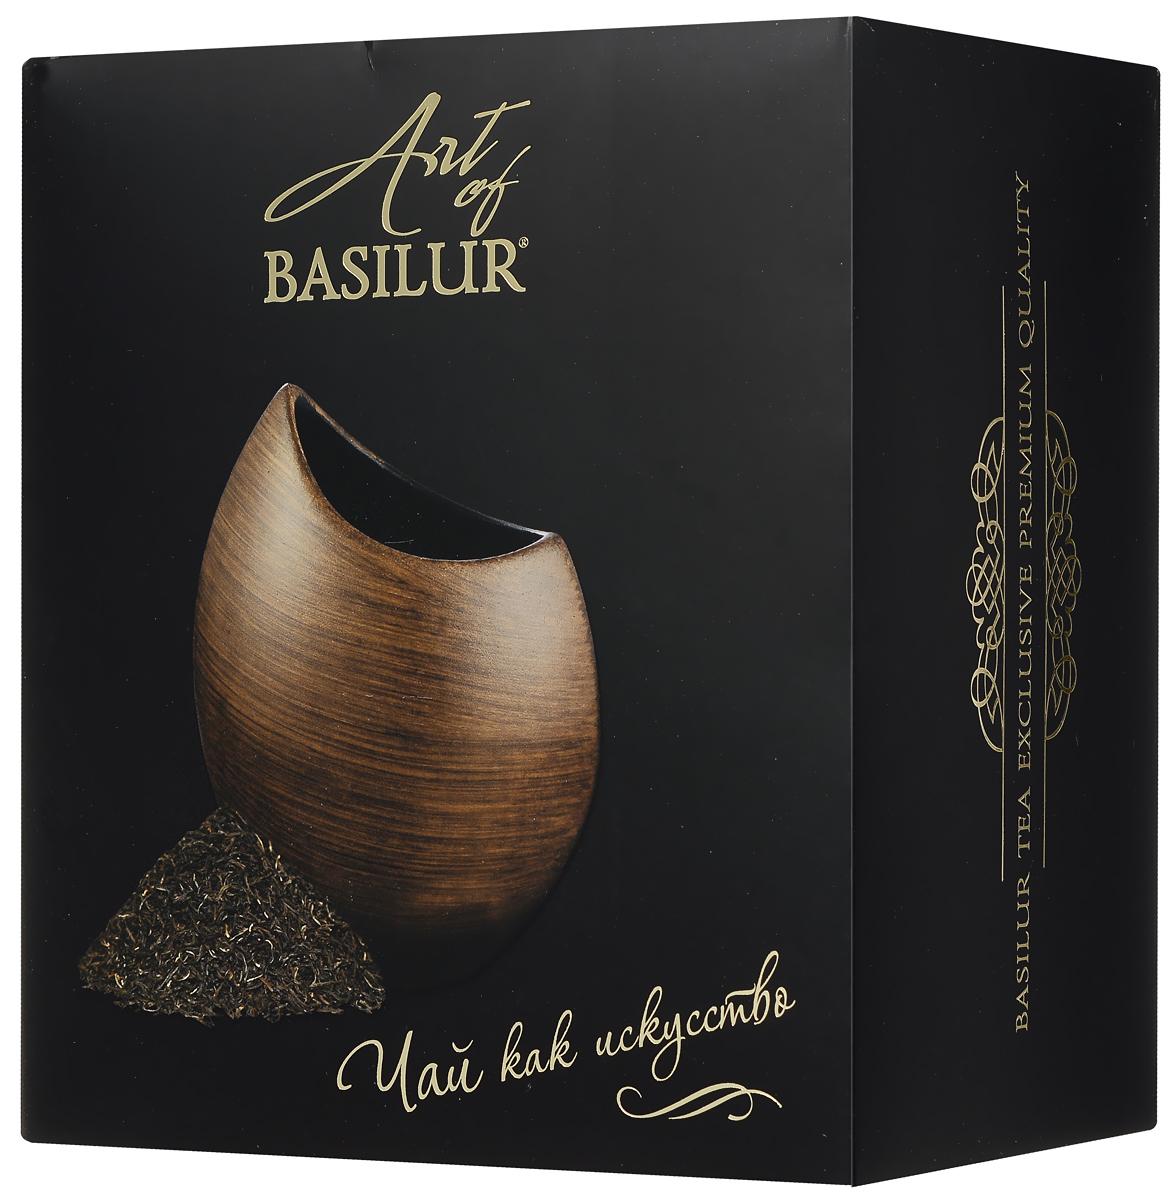 Basilur Special черный листовой чай + ваза Аура Дерево, 100 г50320-00Уникальный стильный набор Art Of Basilur представляет собой дизайнерскую керамическую вазу и элитный цейлонский чай Basilur Special. Особый, качественный черный листовой чай с типсами - верхними молодыми чайными почками - привнесет вкус роскоши, а элегантная керамическая ваза Аура послужит прекрасным дополнением к интерьеру вашего дома.Ваза изготовлена из керамики высокого качества и стилизована под деревянную текстуру. Небольшой размер и утонченность линий вазы подчеркнут красоту яркого невысокого букета цветов или может использоваться в качестве стильного декоративного элемента. Она подчеркнет богатство интерьера и оригинальный вкус владельца, а качественный цейлонский чай окажется приятным согревающим дополнением.Материал вазы: керамикаВысота вазы: 18 смРазмер отверстия для цветов: 10 x 6 смДиаметр основания вазы: 6,5 смСтрана-изготовитель вазы: Китай